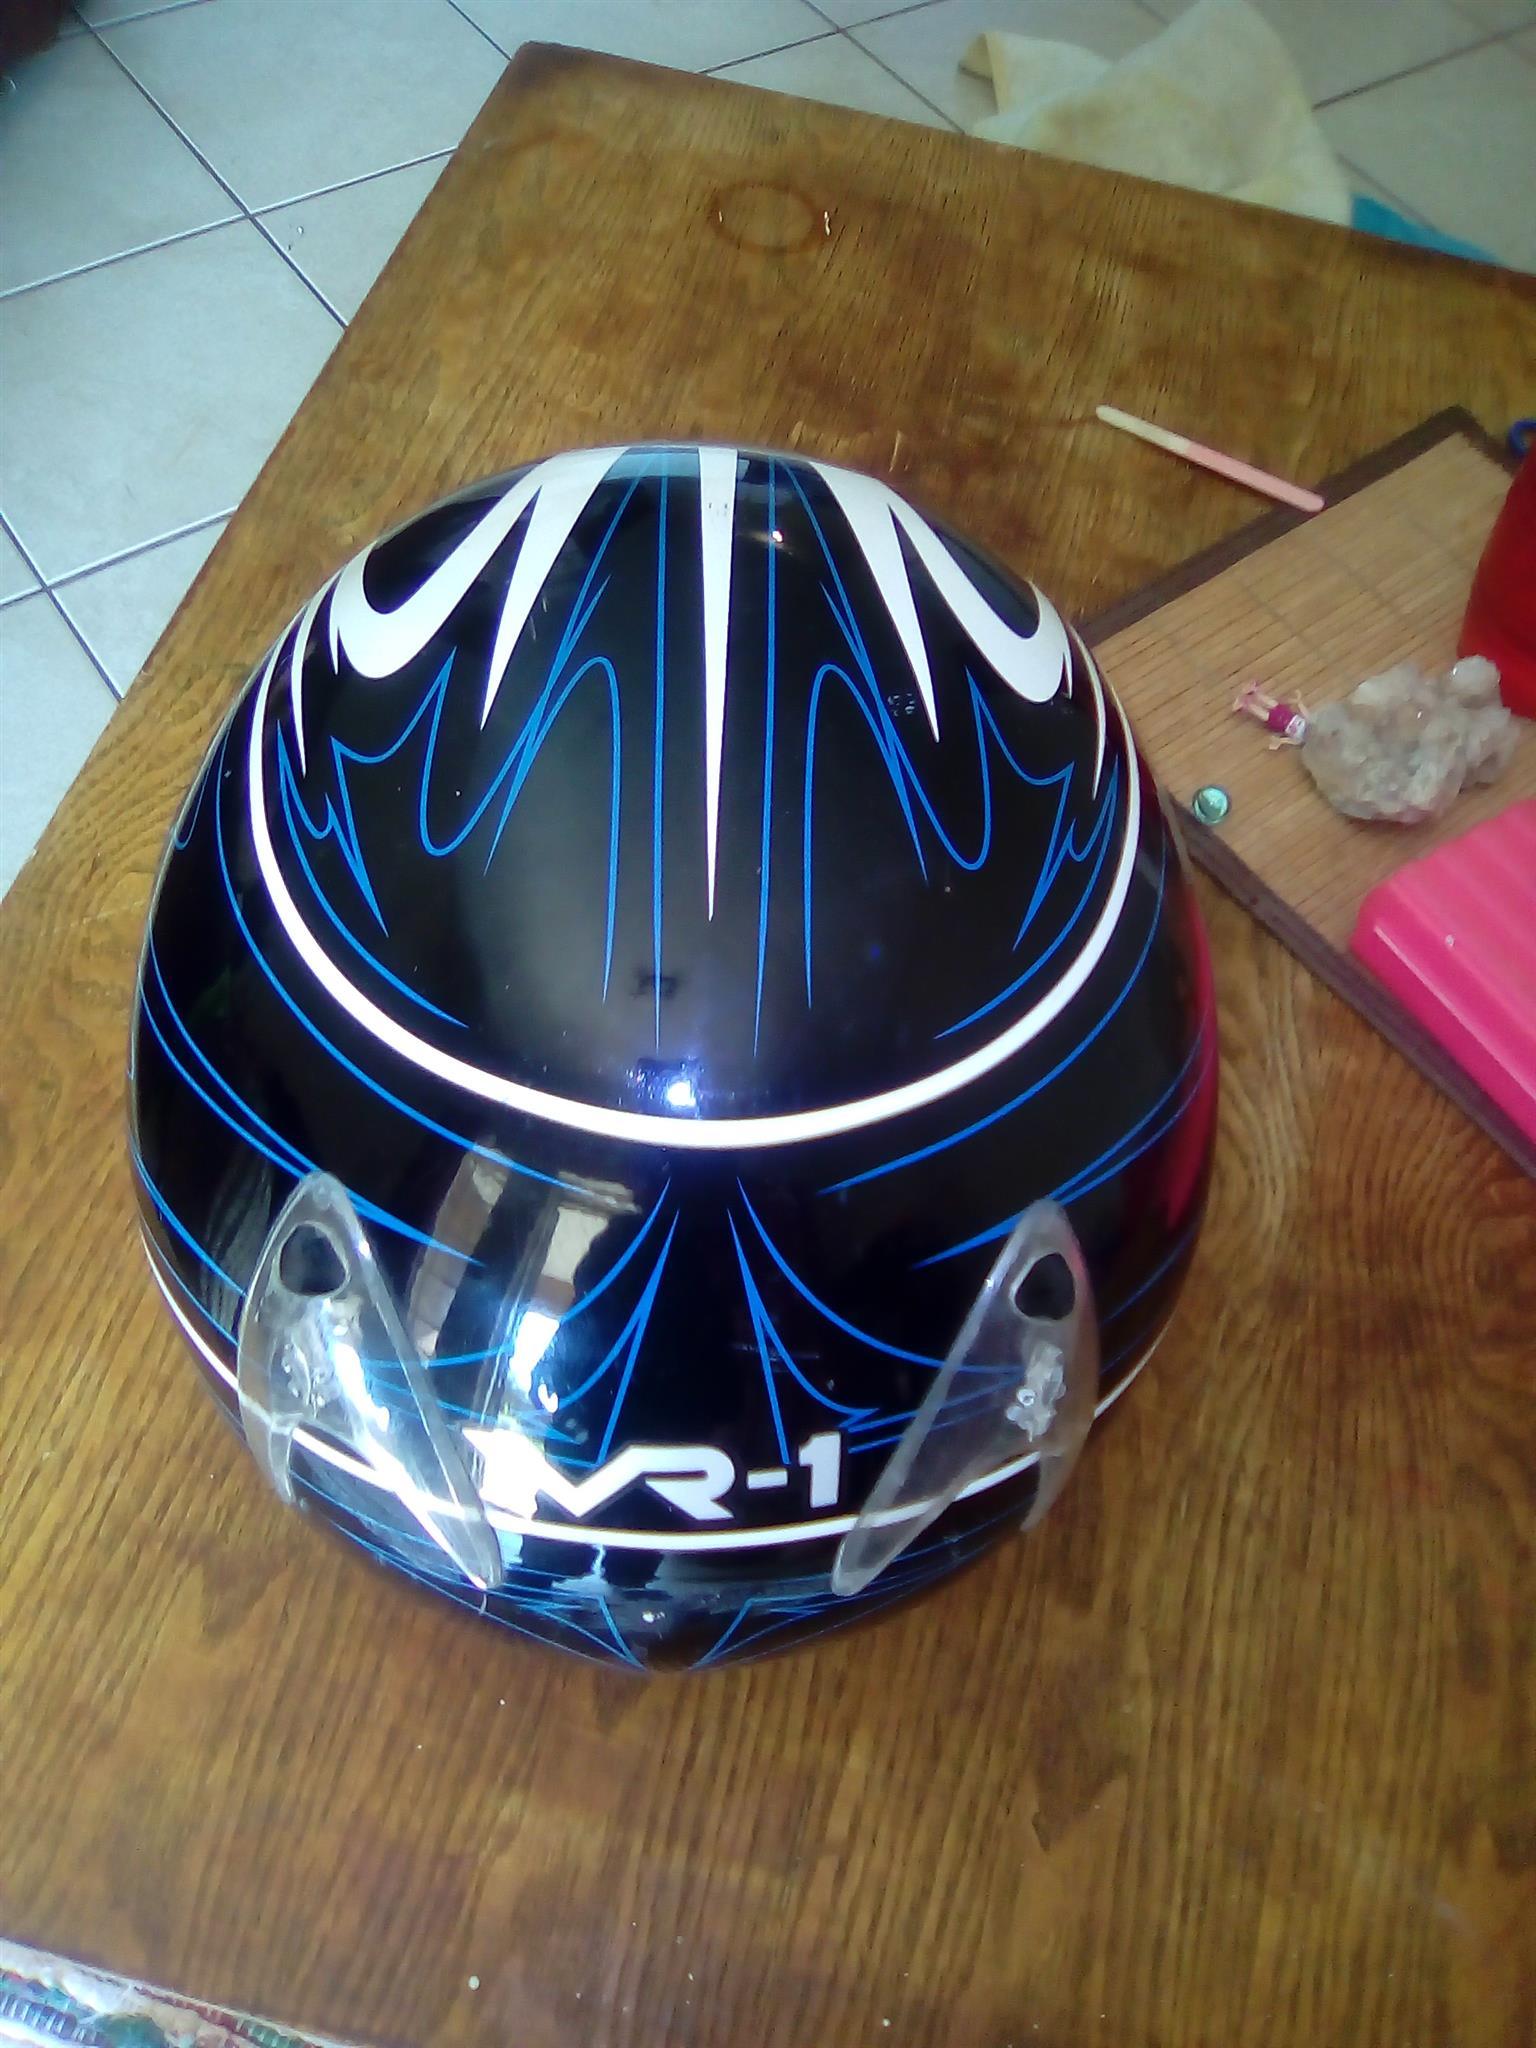 VR1 Antman Full Face Helmet